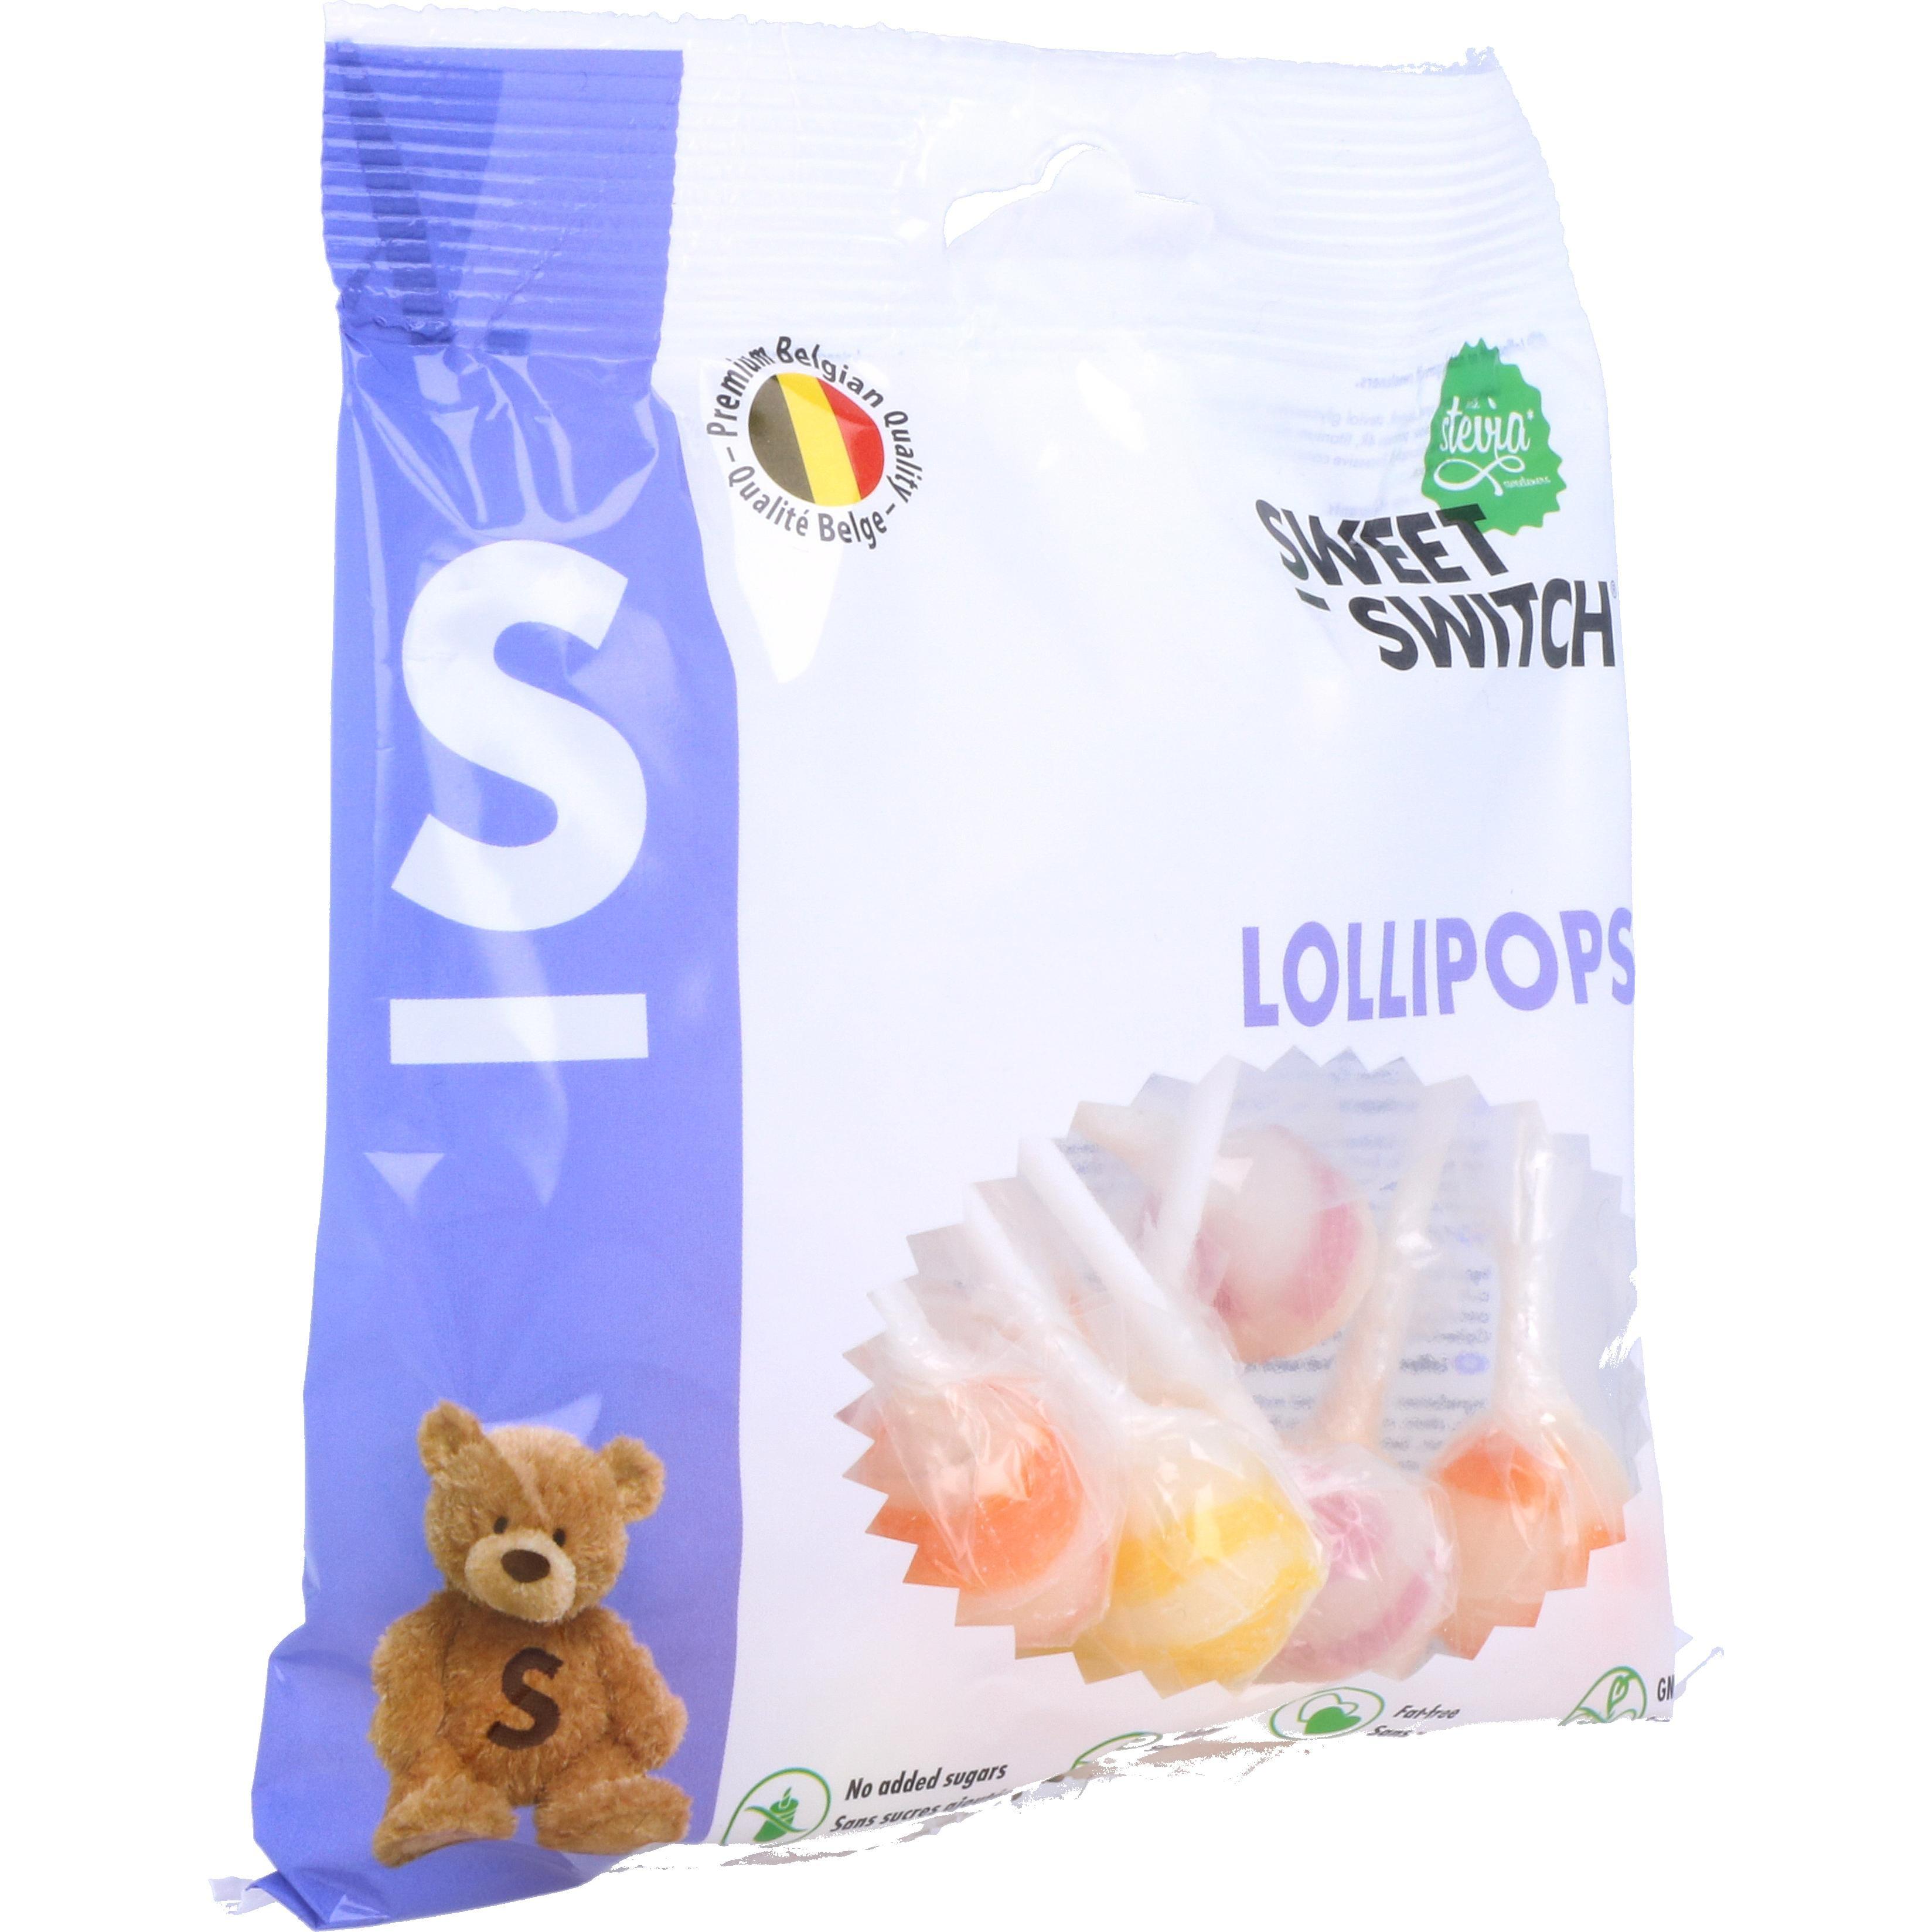 Sweet Switch Lollipops 100g